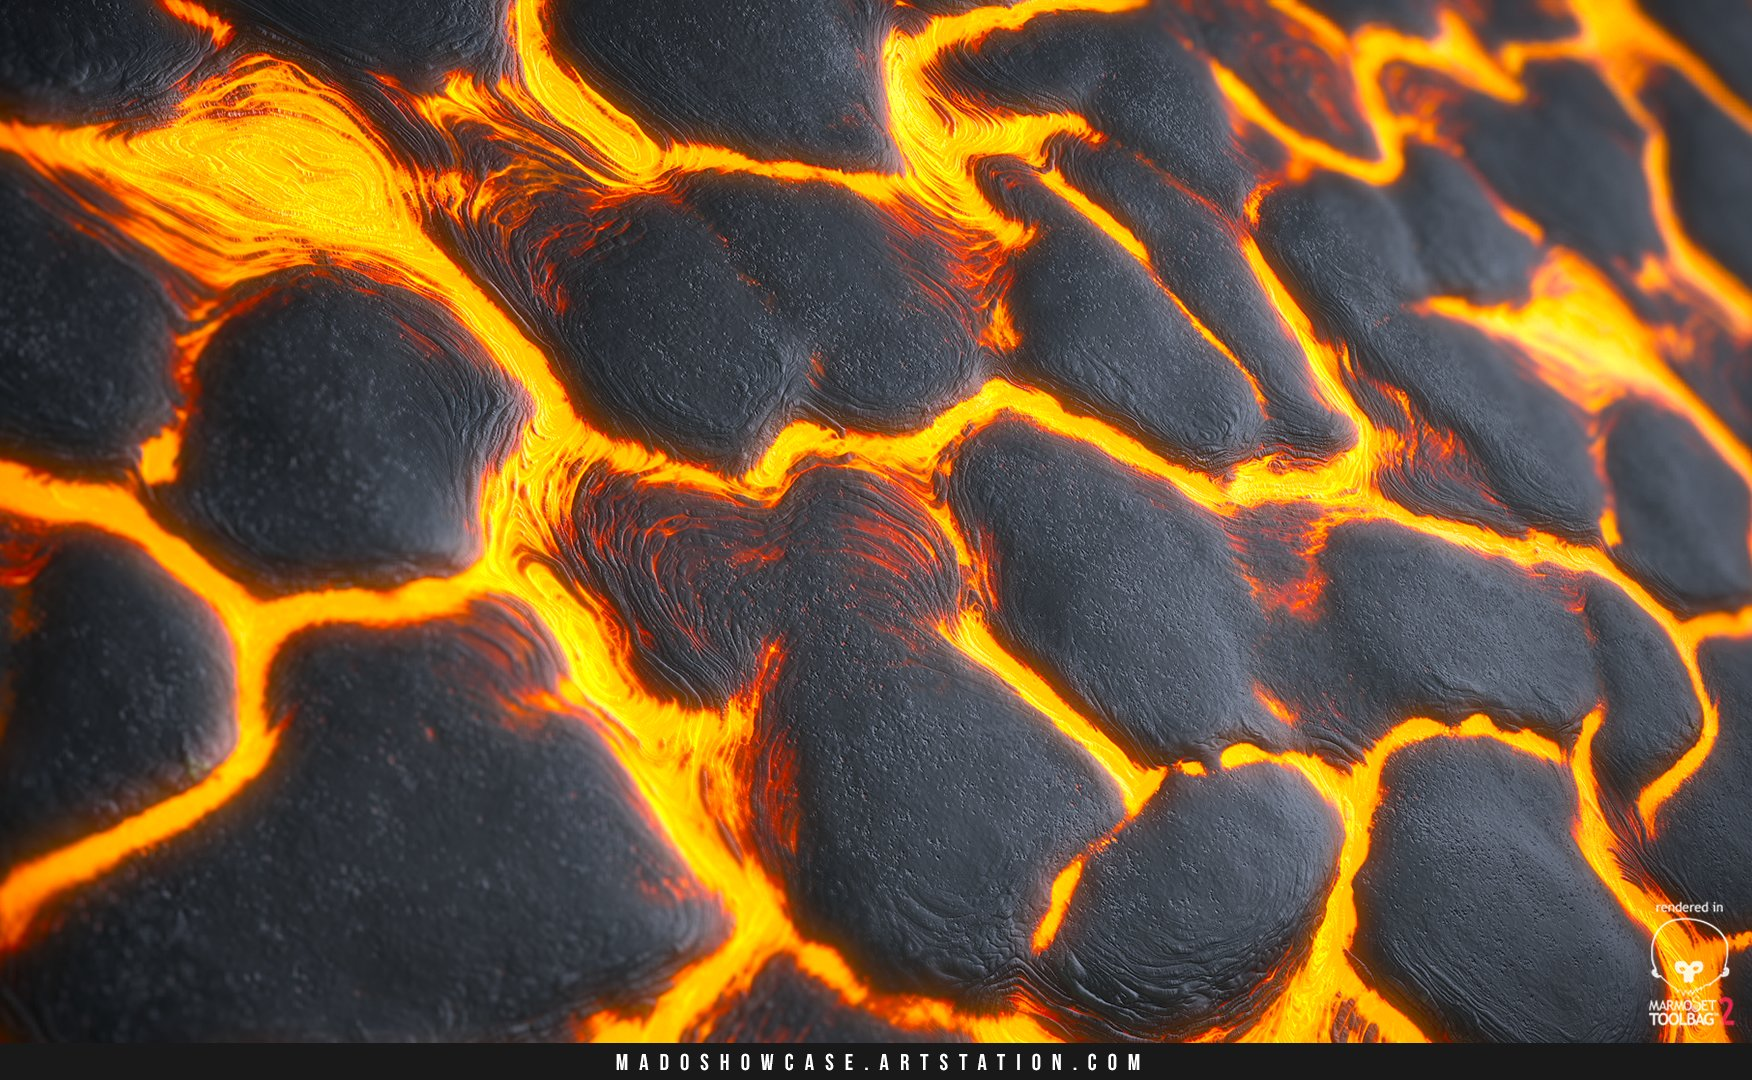 sjors-de-laat-lava-04-madoshowcase.jpg?1436048084